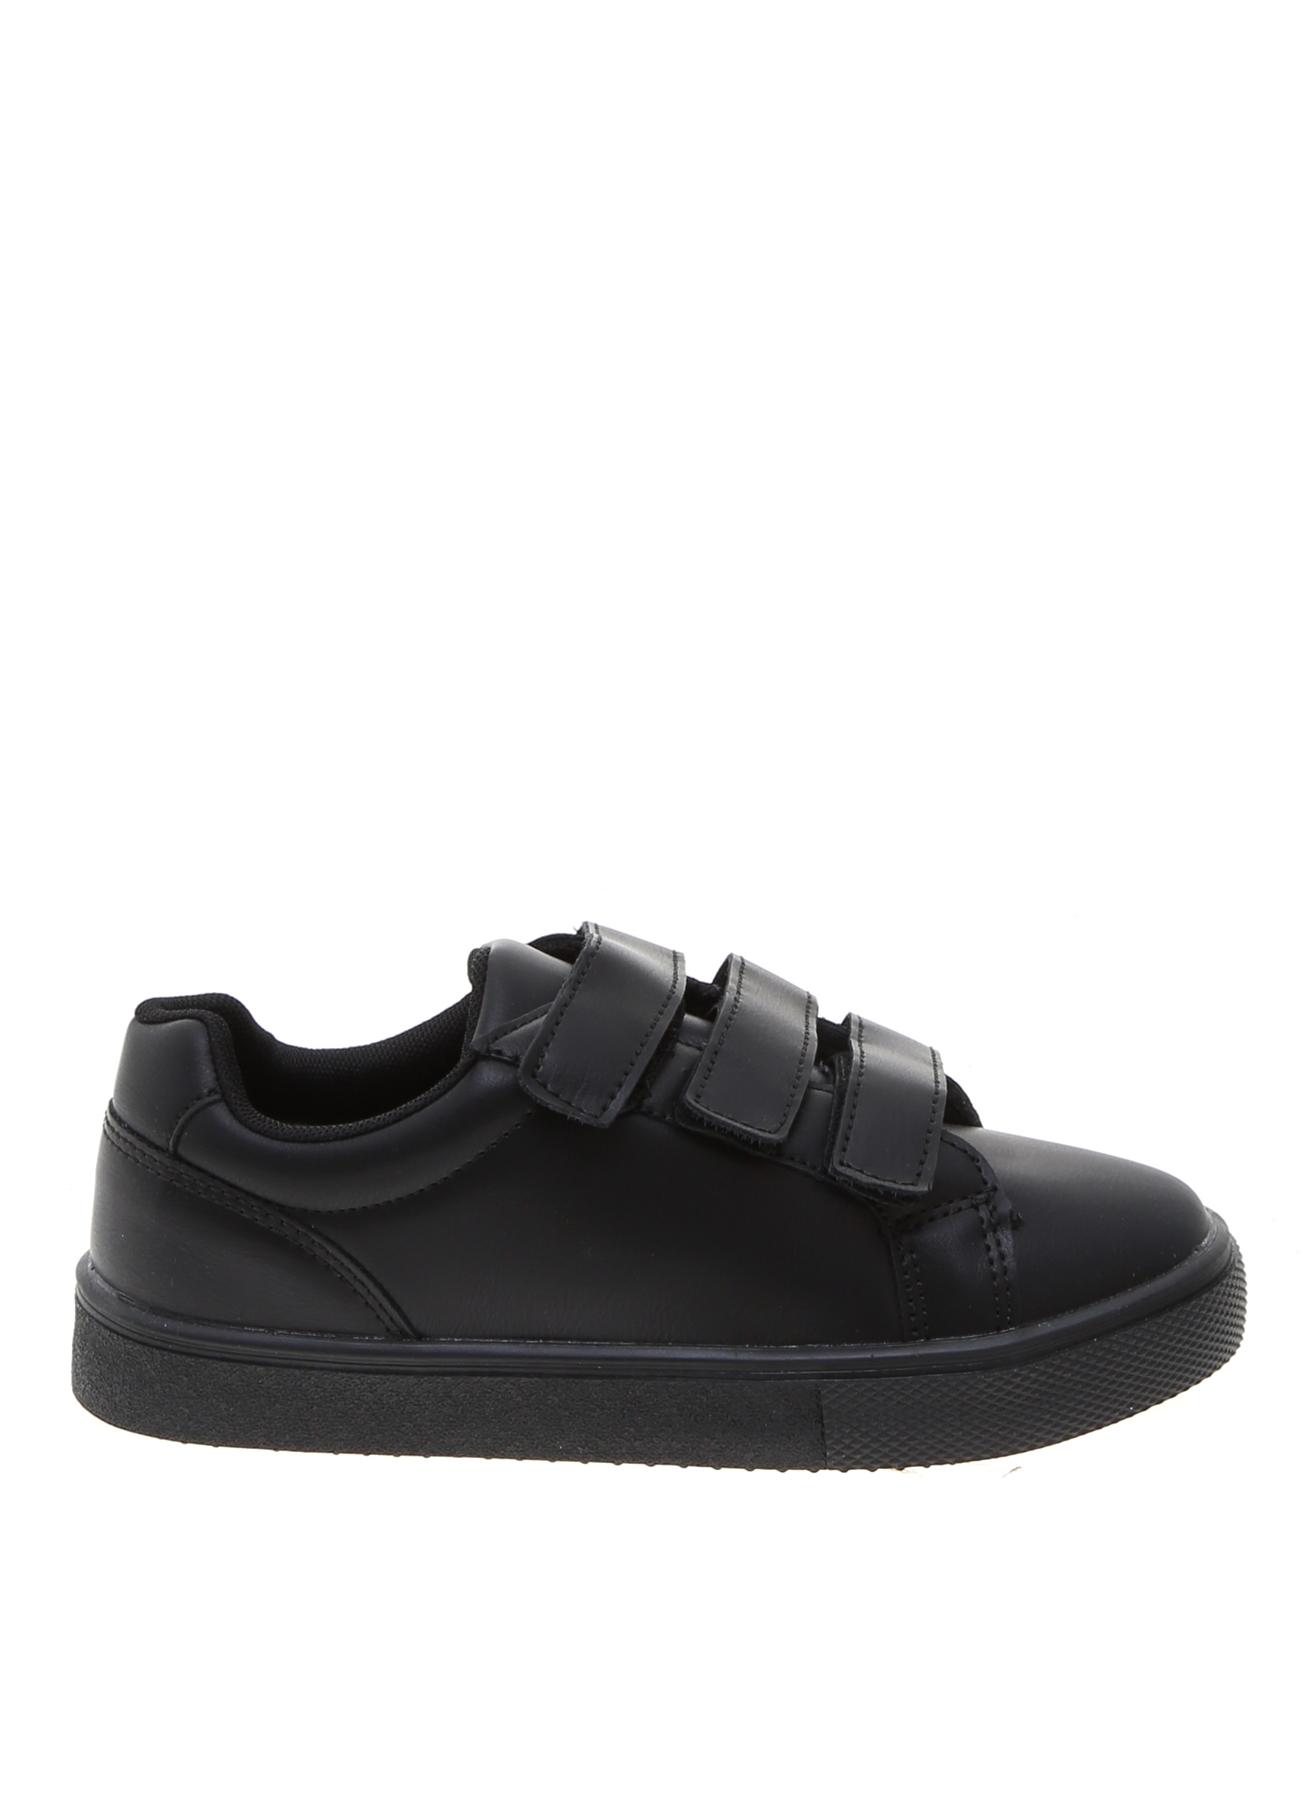 Limon Çocuk Yürüyüş Ayakkabısı 31 5000161394001 Ürün Resmi